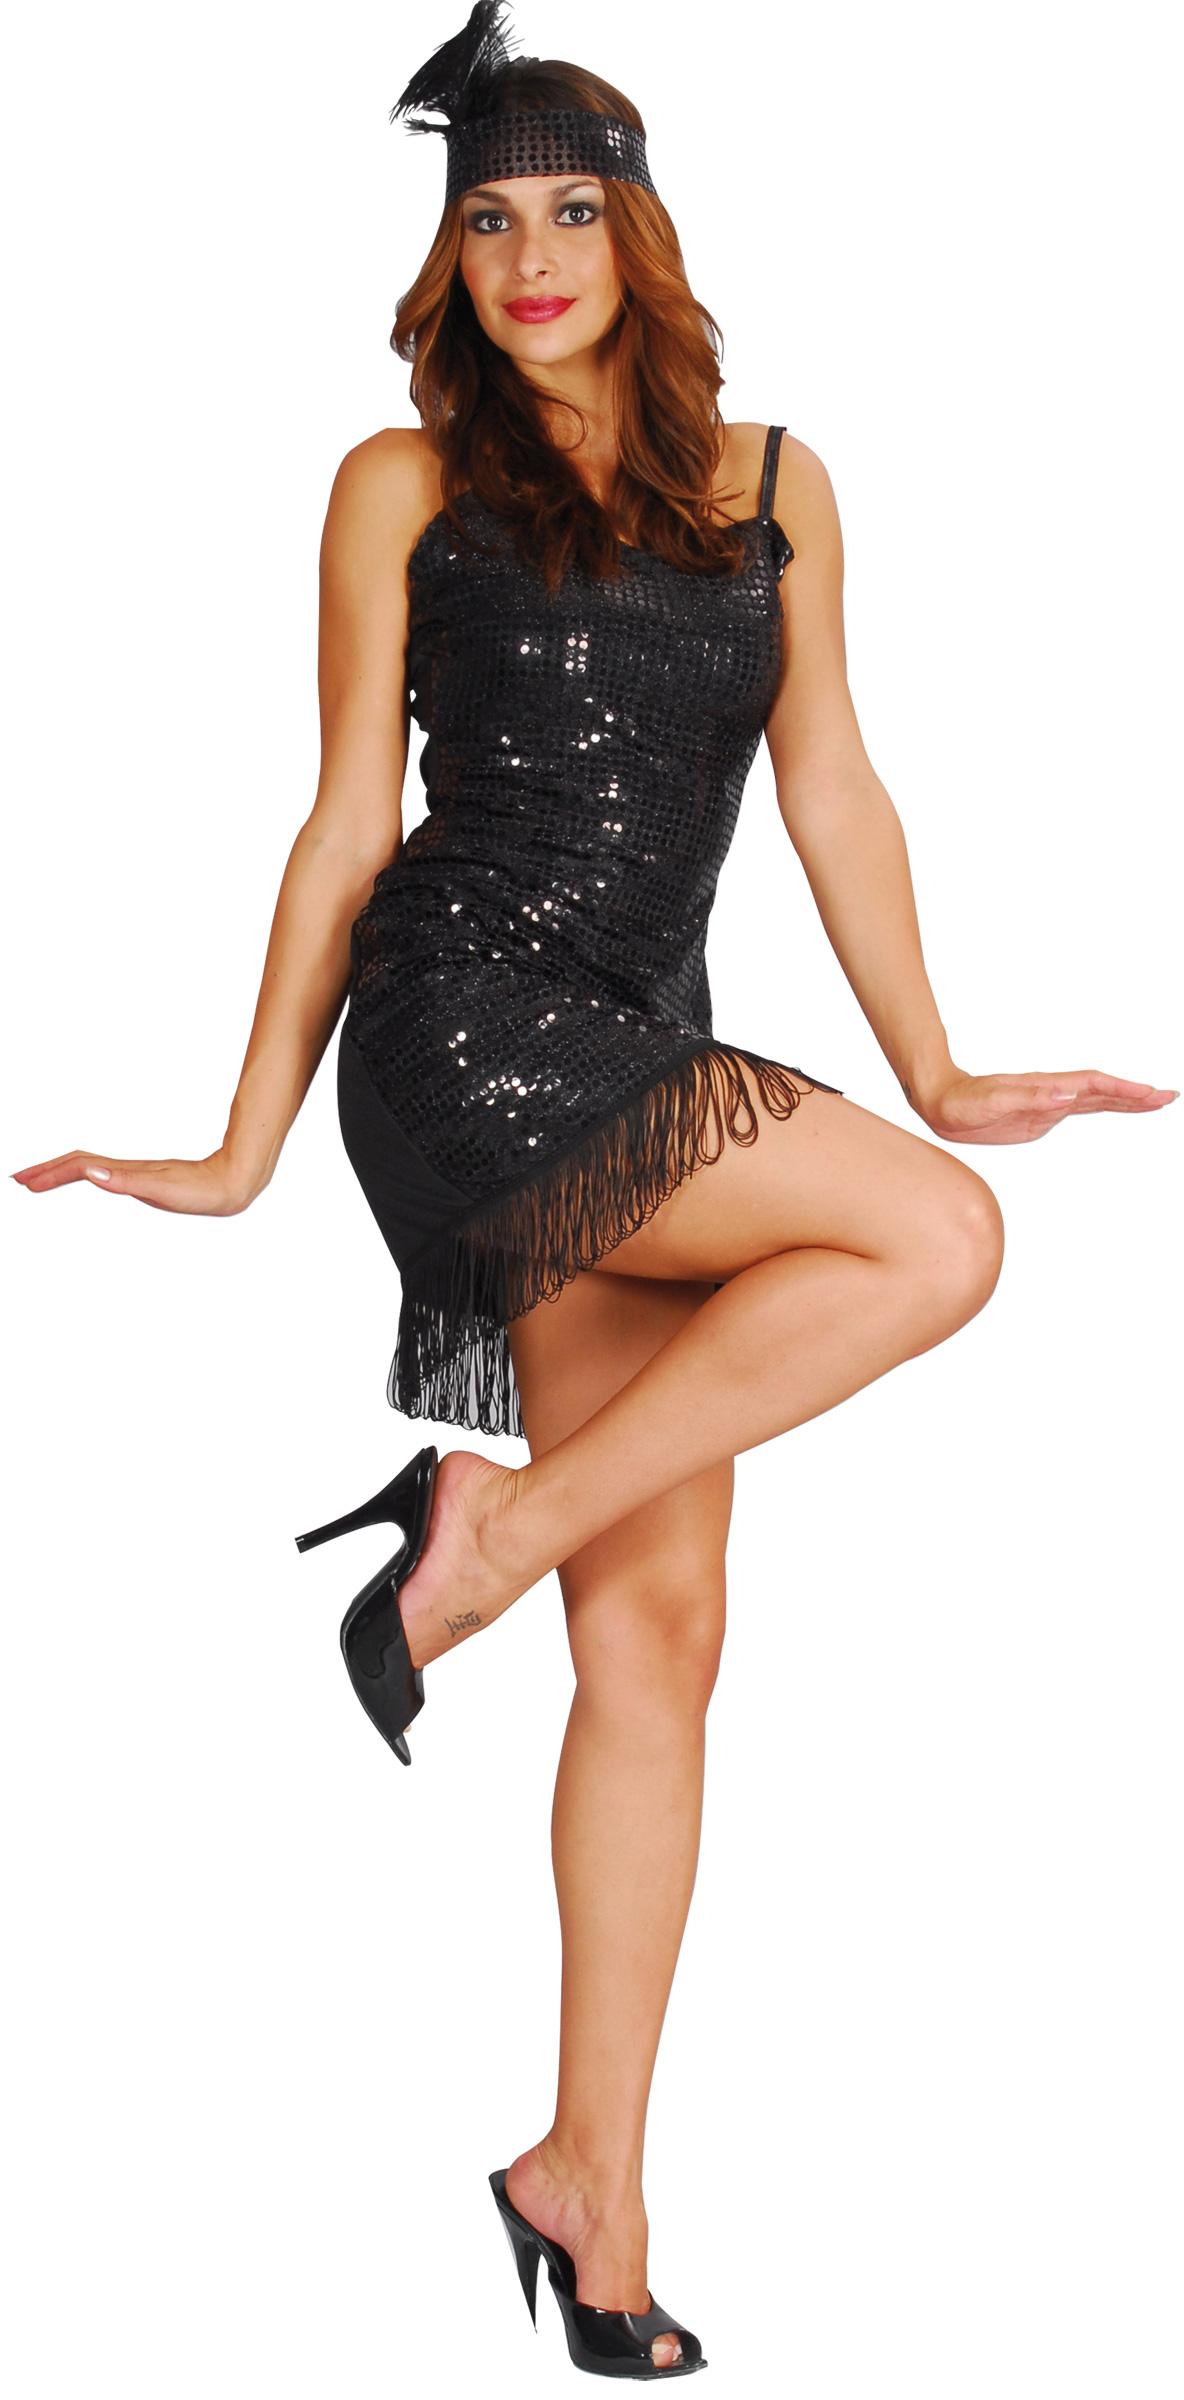 D guisement charleston d guisement femme pas cher costume soir e th me - Deguisement nouvel an ...